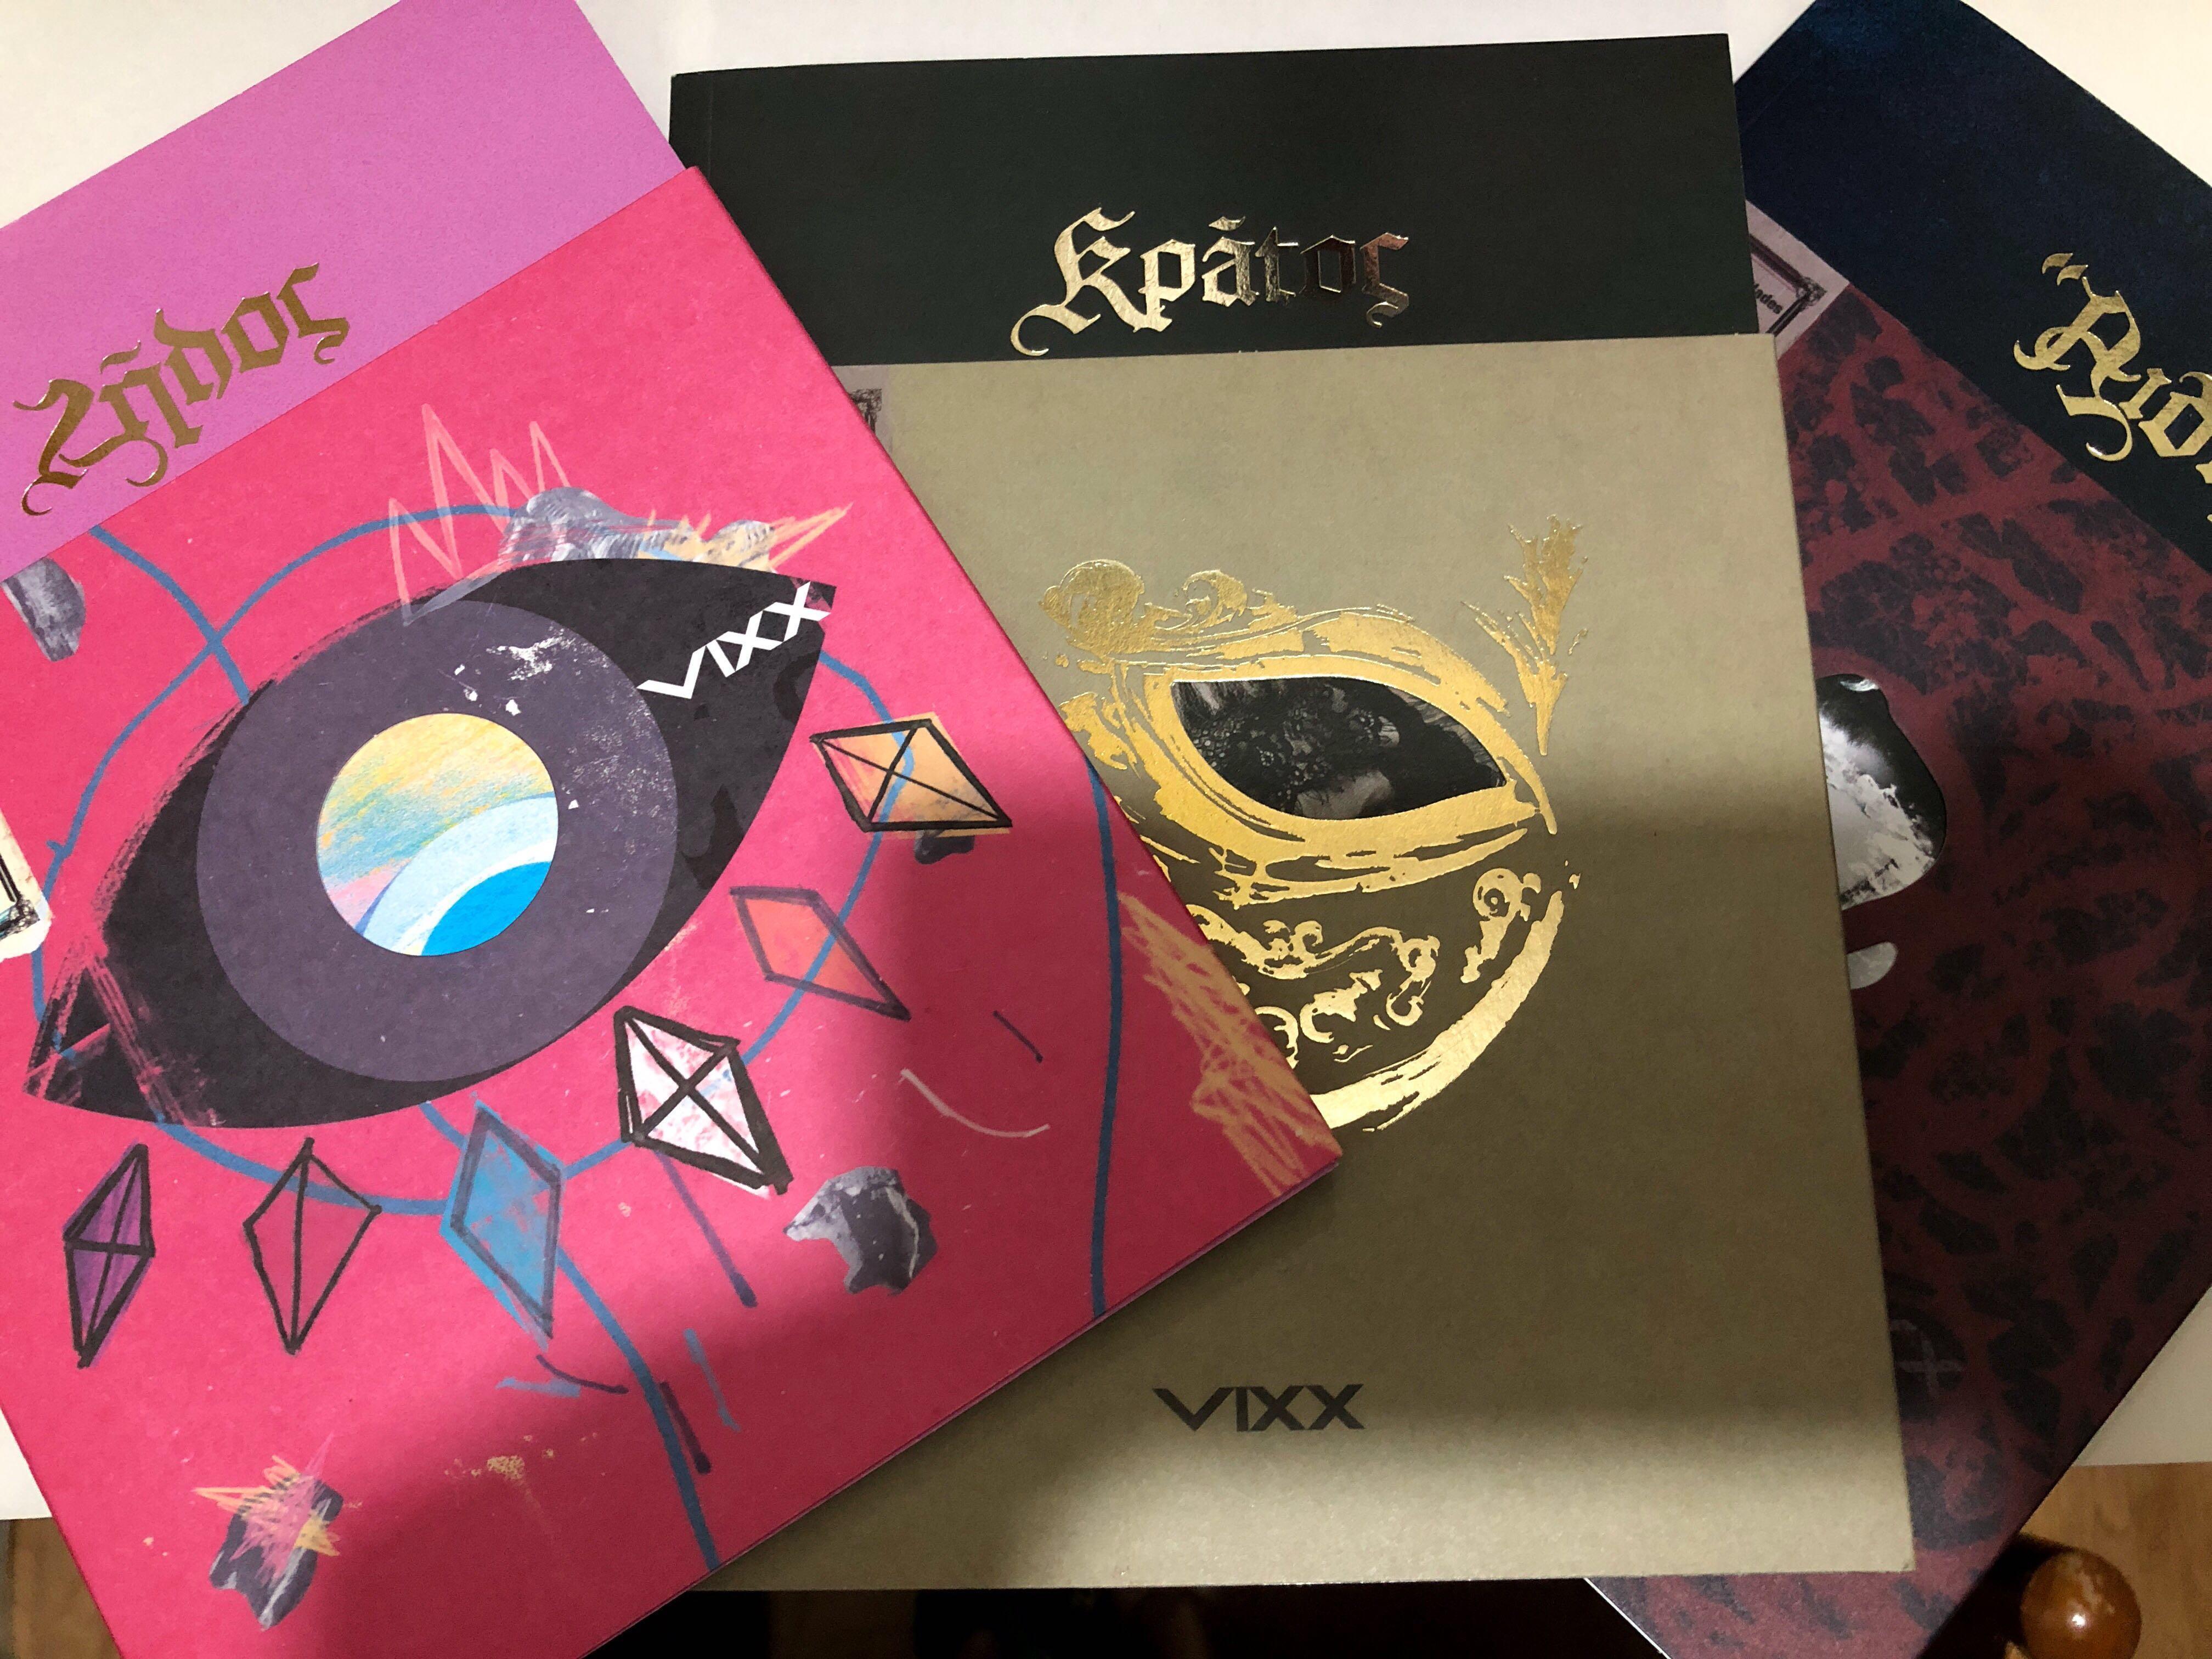 VIXX Zelos Kratos Hades專輯(不包括小卡和海報)